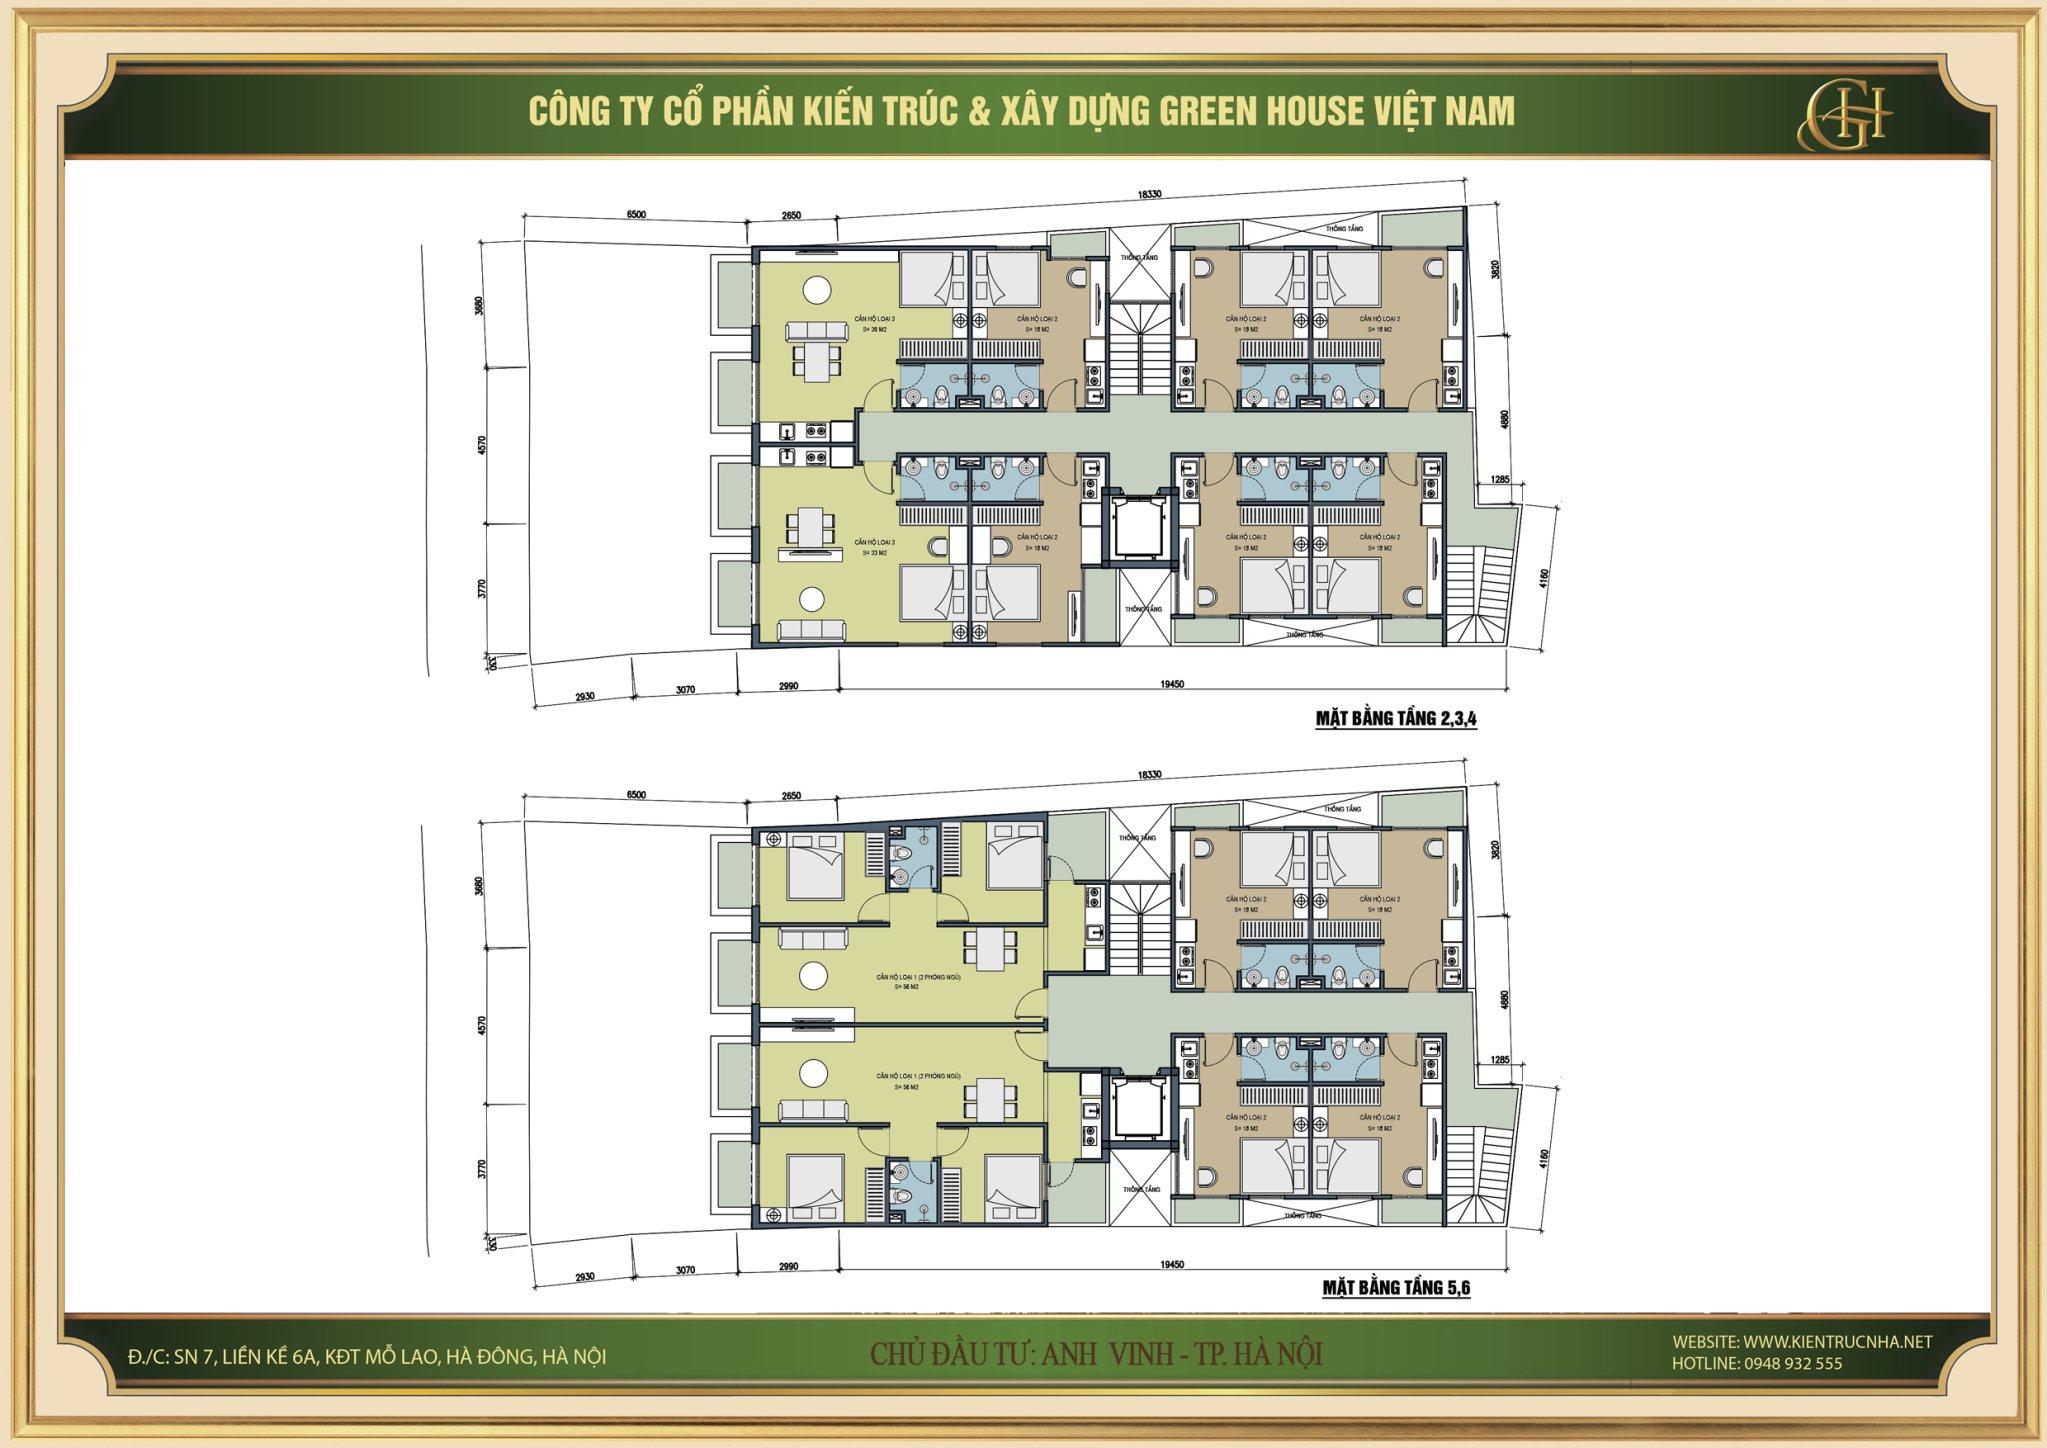 Thiết kế mặt bằng tầng 2,3,4,5,6 của căn hộ cho thuê 9 tầng tại Hà Nội